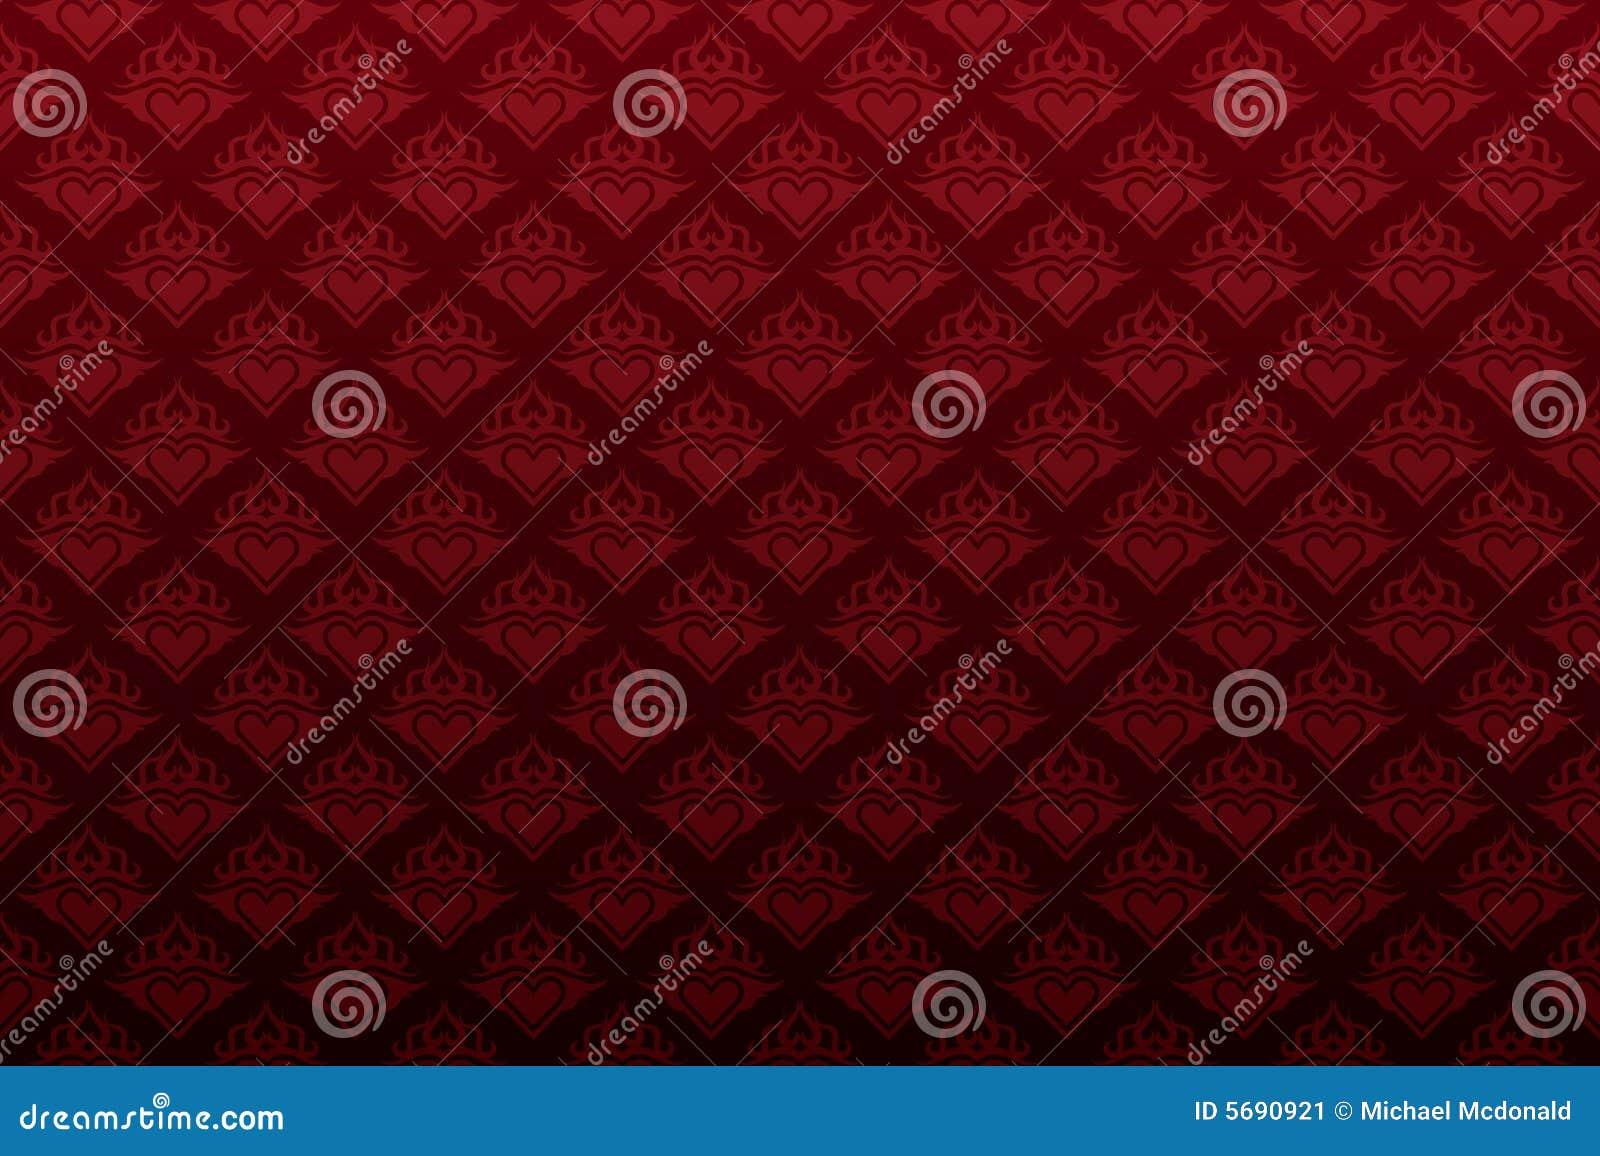 Papel pintado inconsútil floral del corazón rojo oscuro